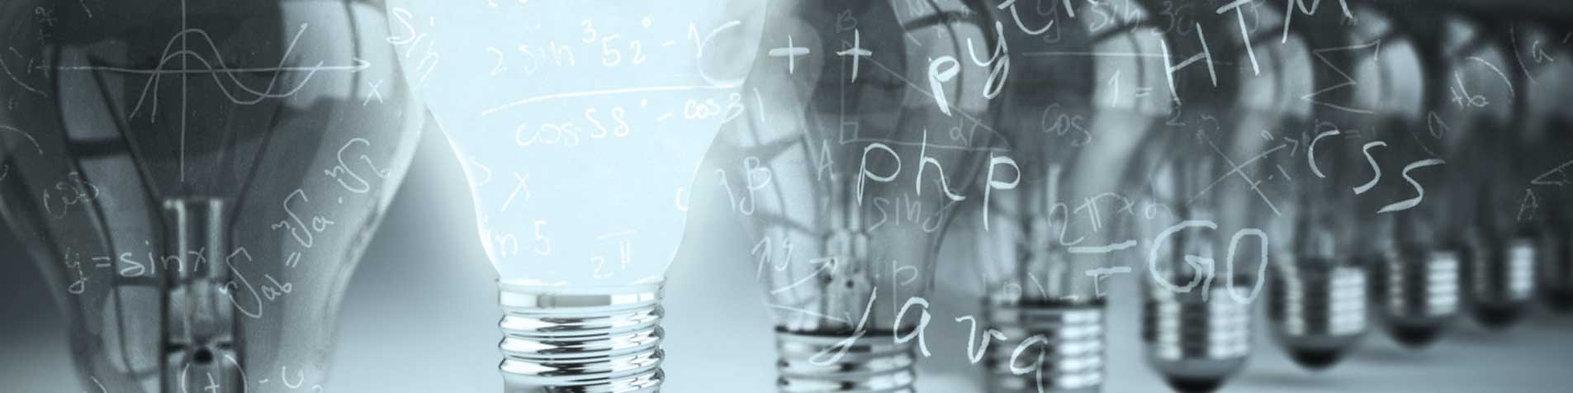 Headerbild der Jobanzeige (Junior) Scientist/ Engineer Machine Learning (m/w) bei der IT-Firma TECXIPIO in Karlsruhe. Zu sehen ist eine hell leuchtende Glühbirne mit Schriftzügen verschiedenster Programmiersprachen und Formeln verteilt auf dem Bild.